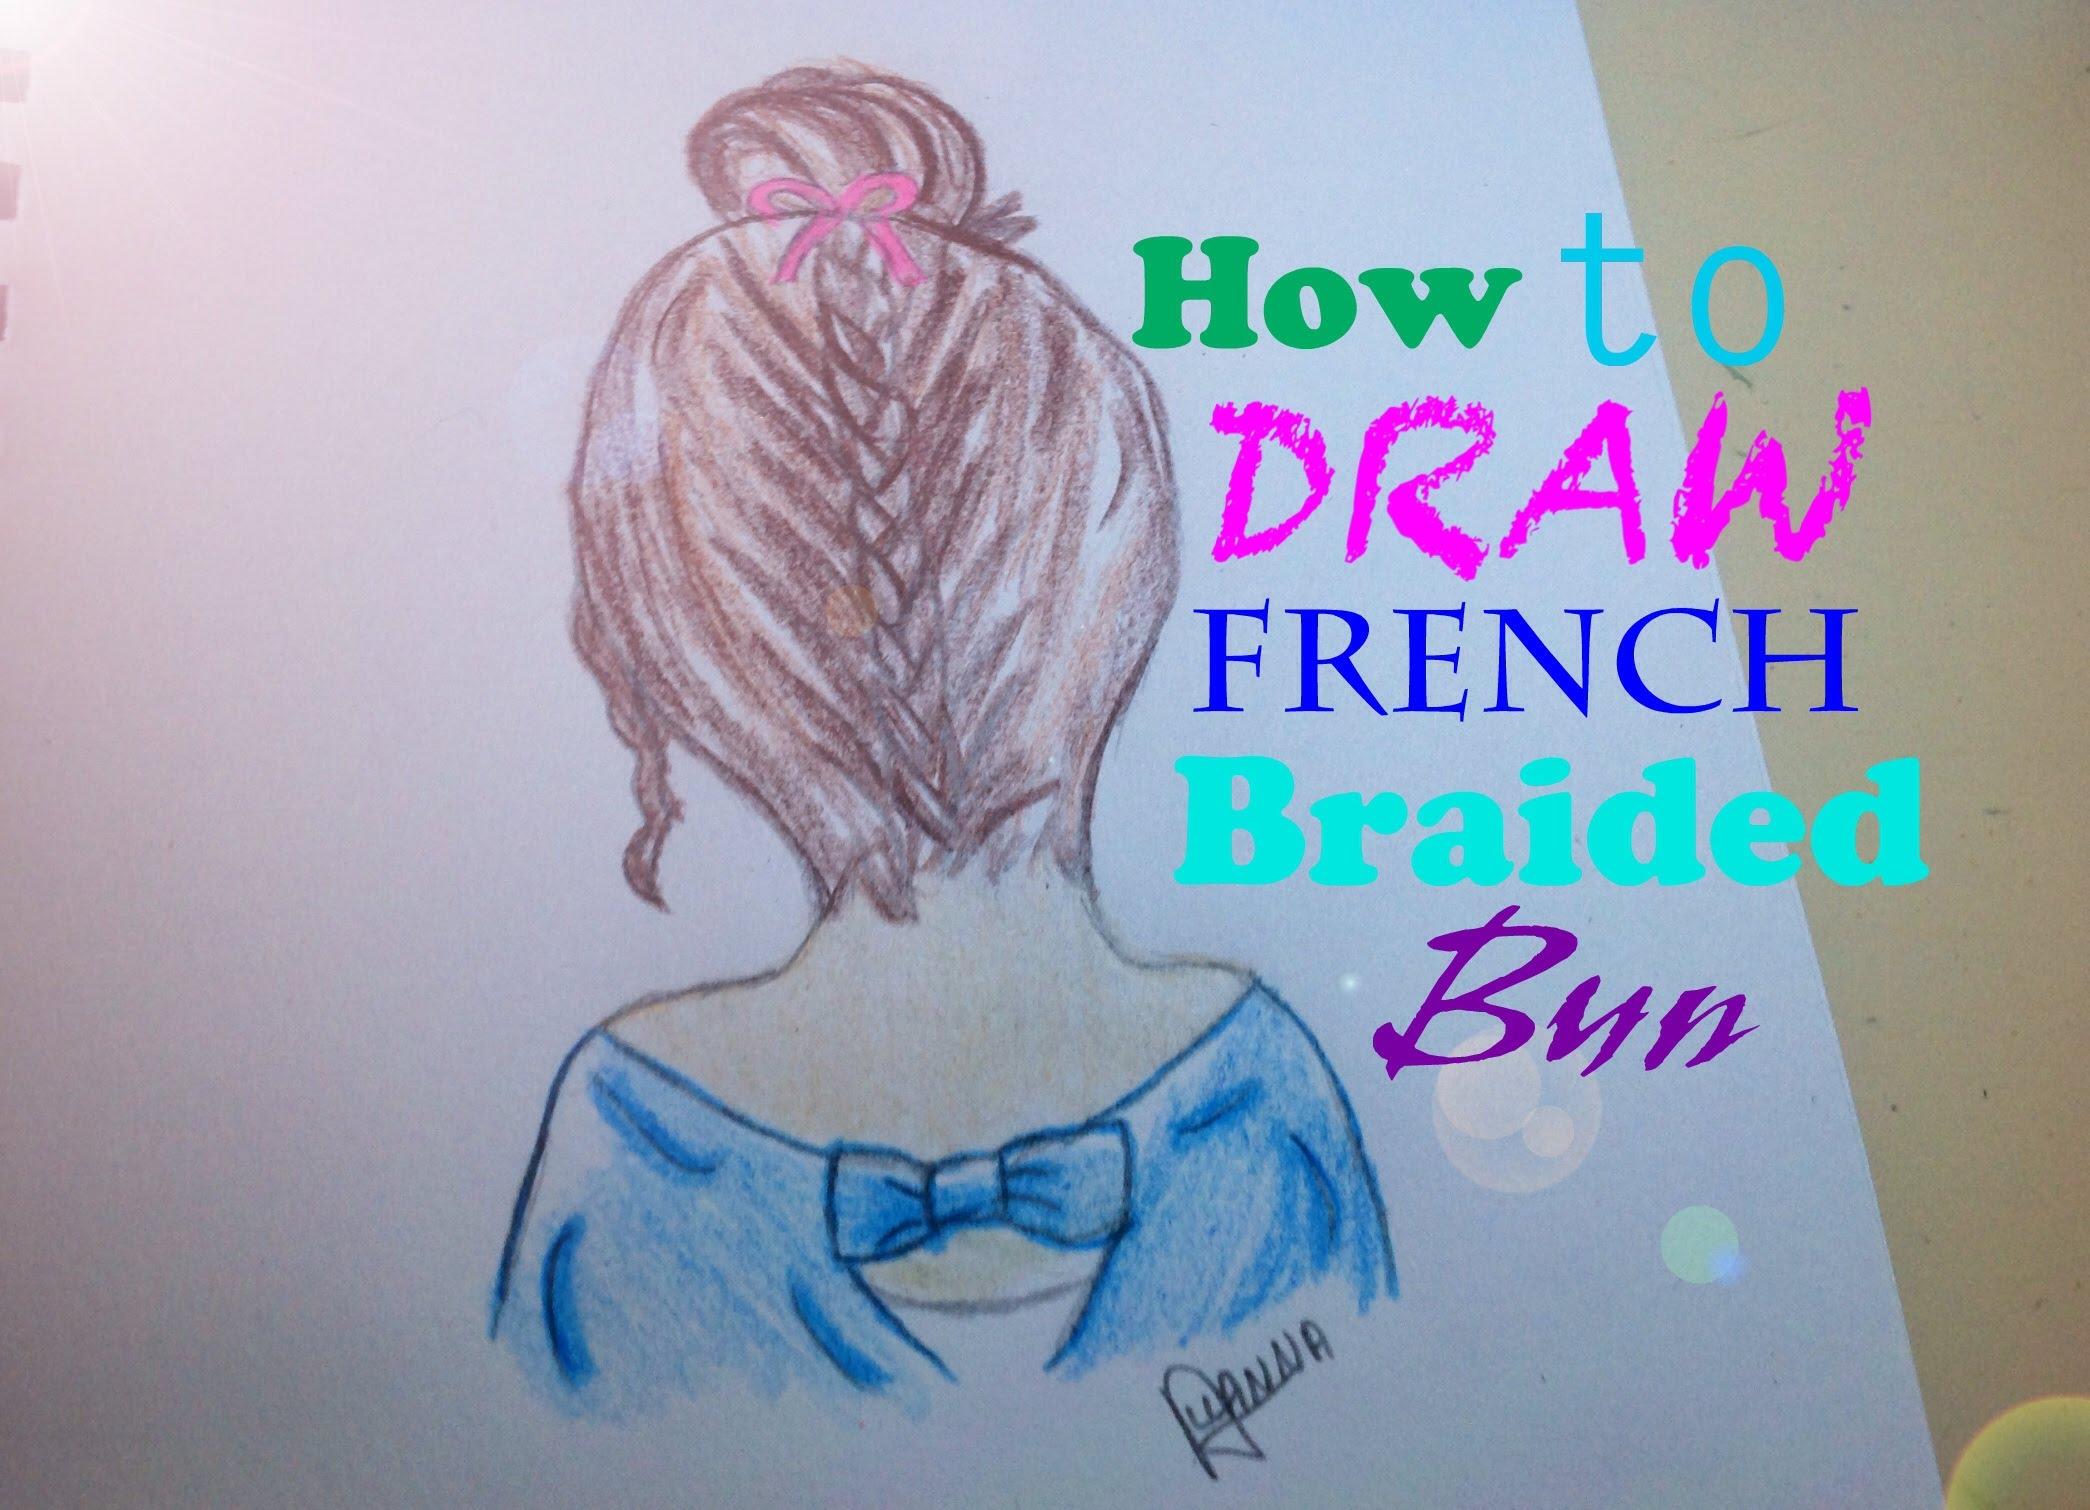 Drawn braid french braid Creations Allanna's Draw to Bun